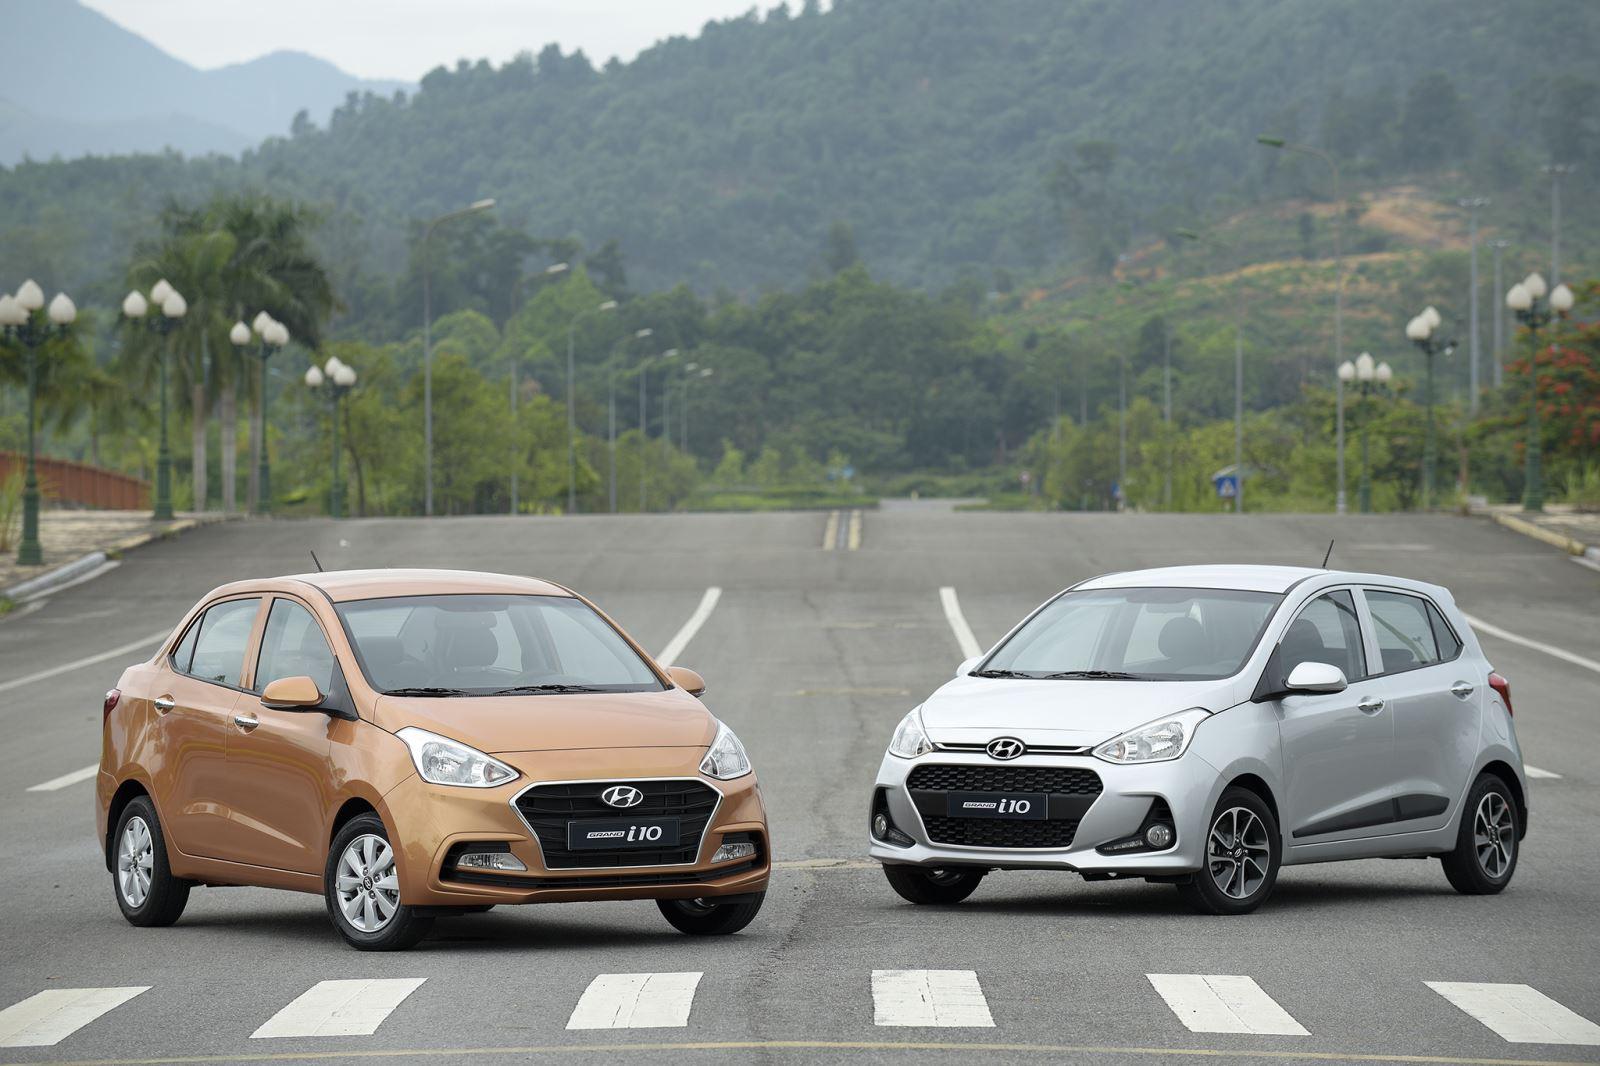 Hyundai Grand i10 hiện là mẫu xe bán chạy nhất phân khúc hạng A